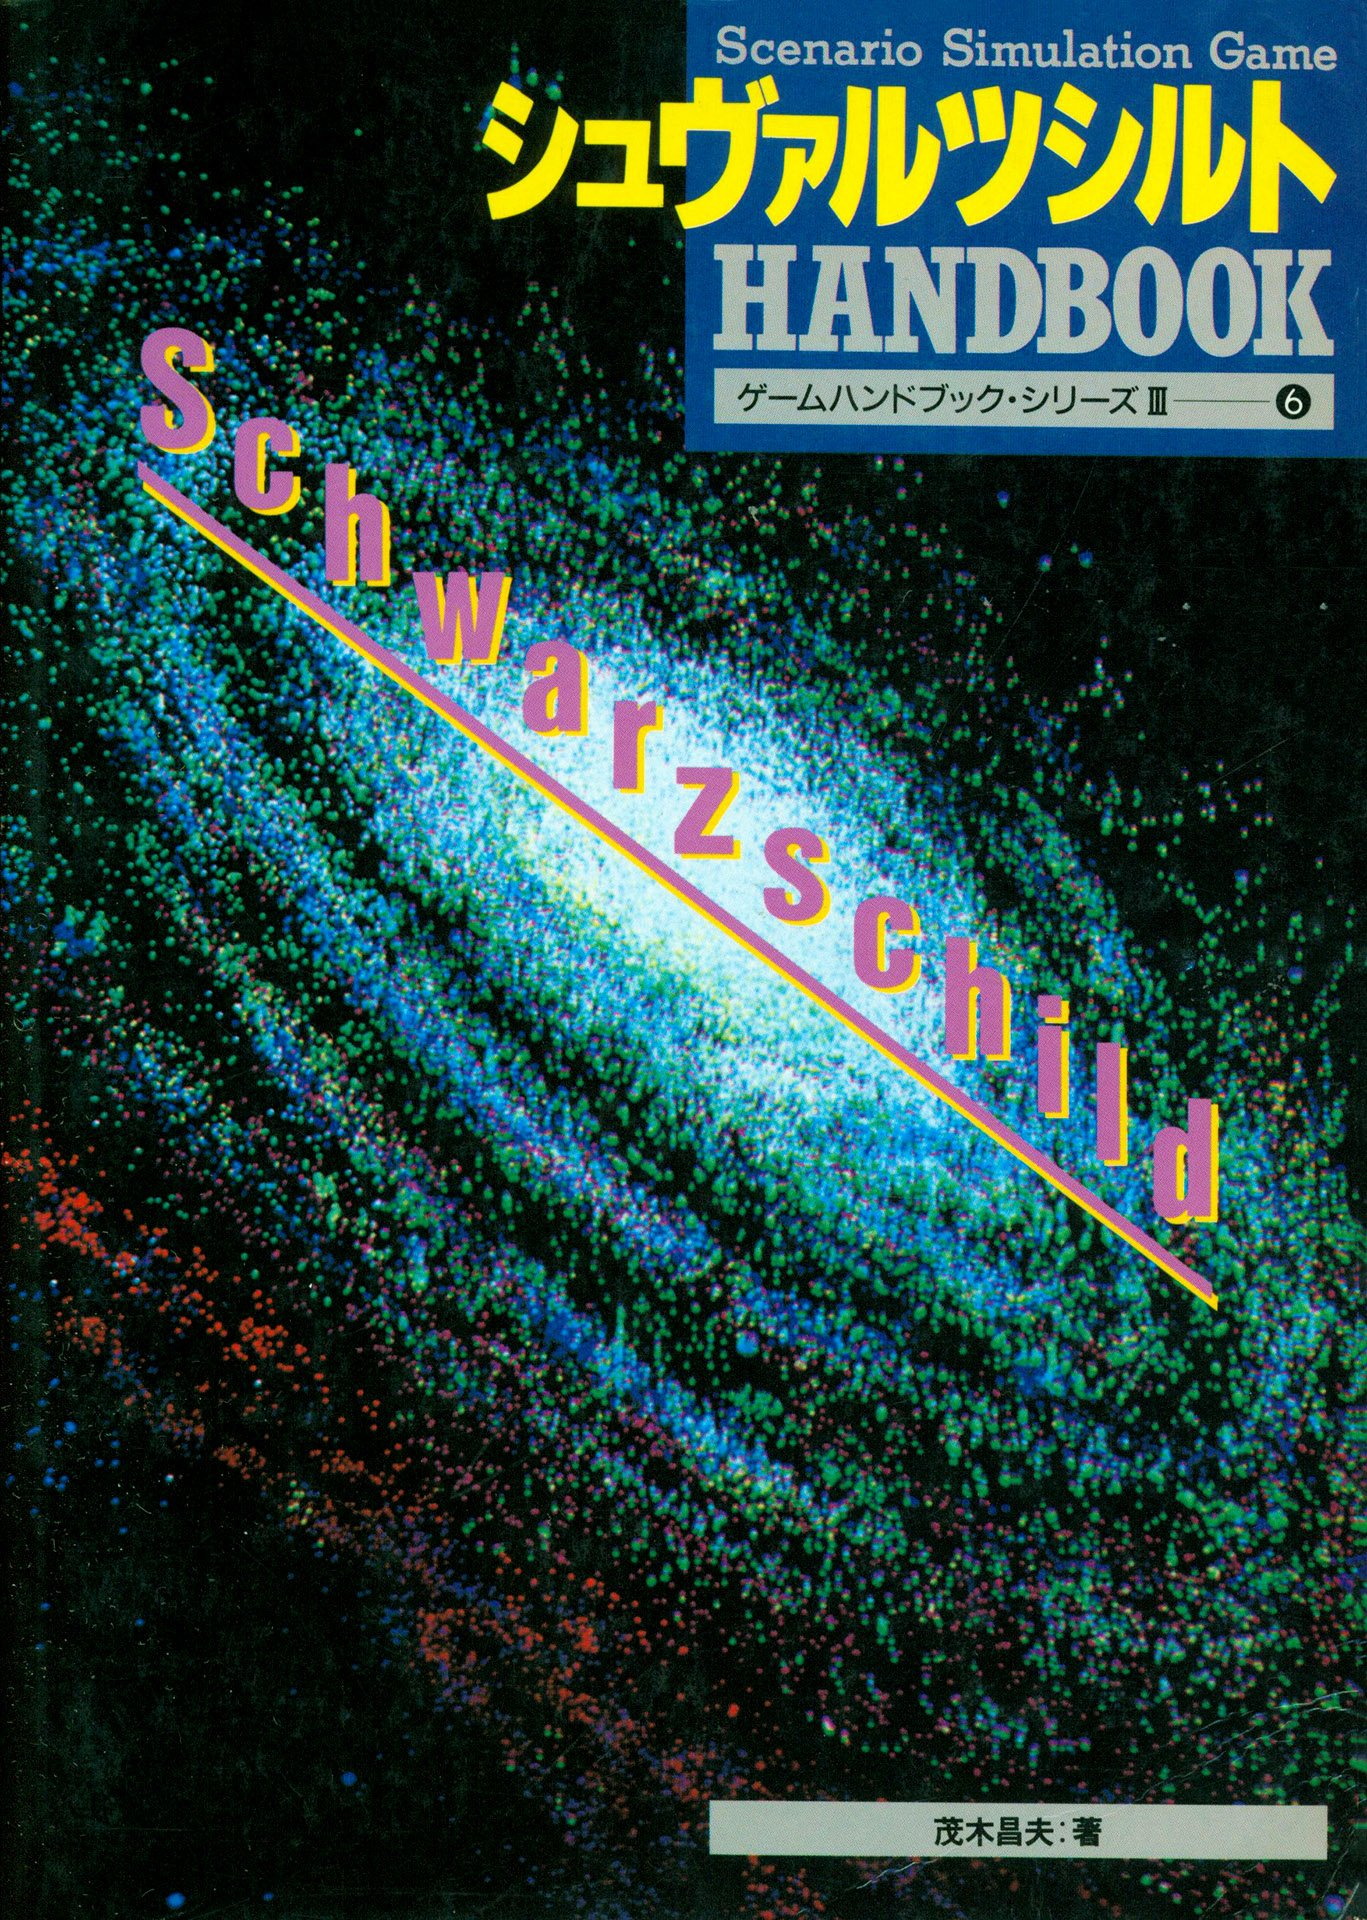 large.1334309087_SchwarzschildHandBook.jpg